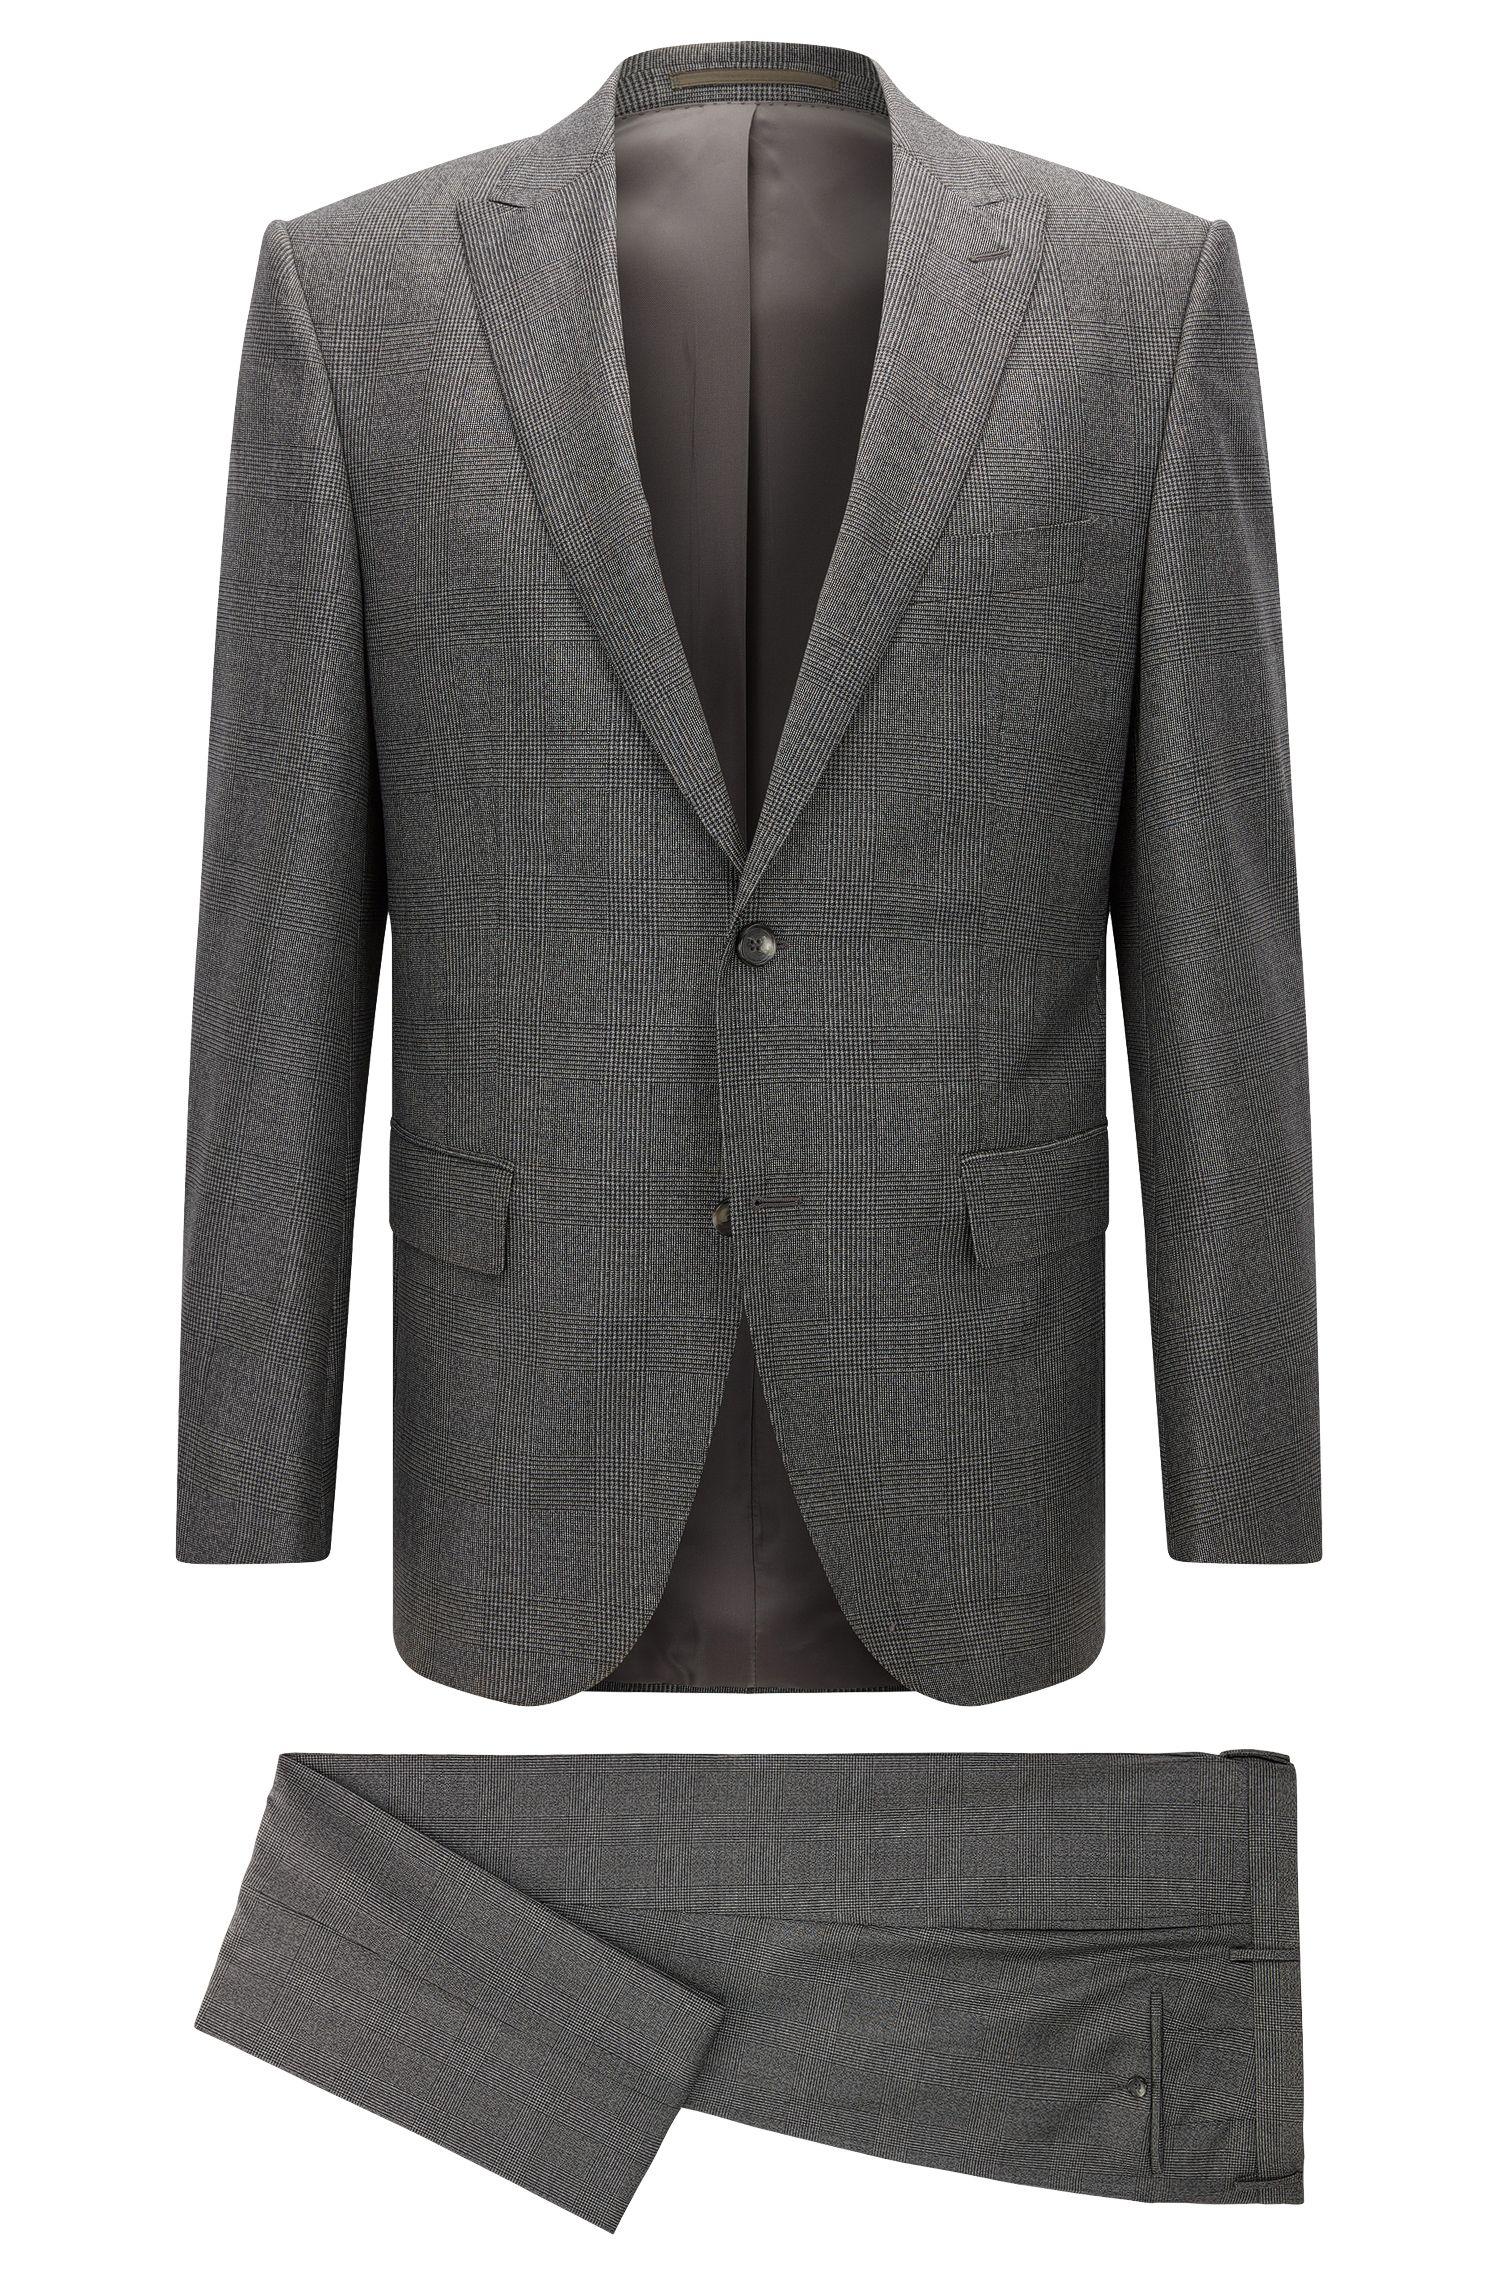 Glen Check Italian Virgin Wool Suit, Slim Fit | T-Jorman/Lary